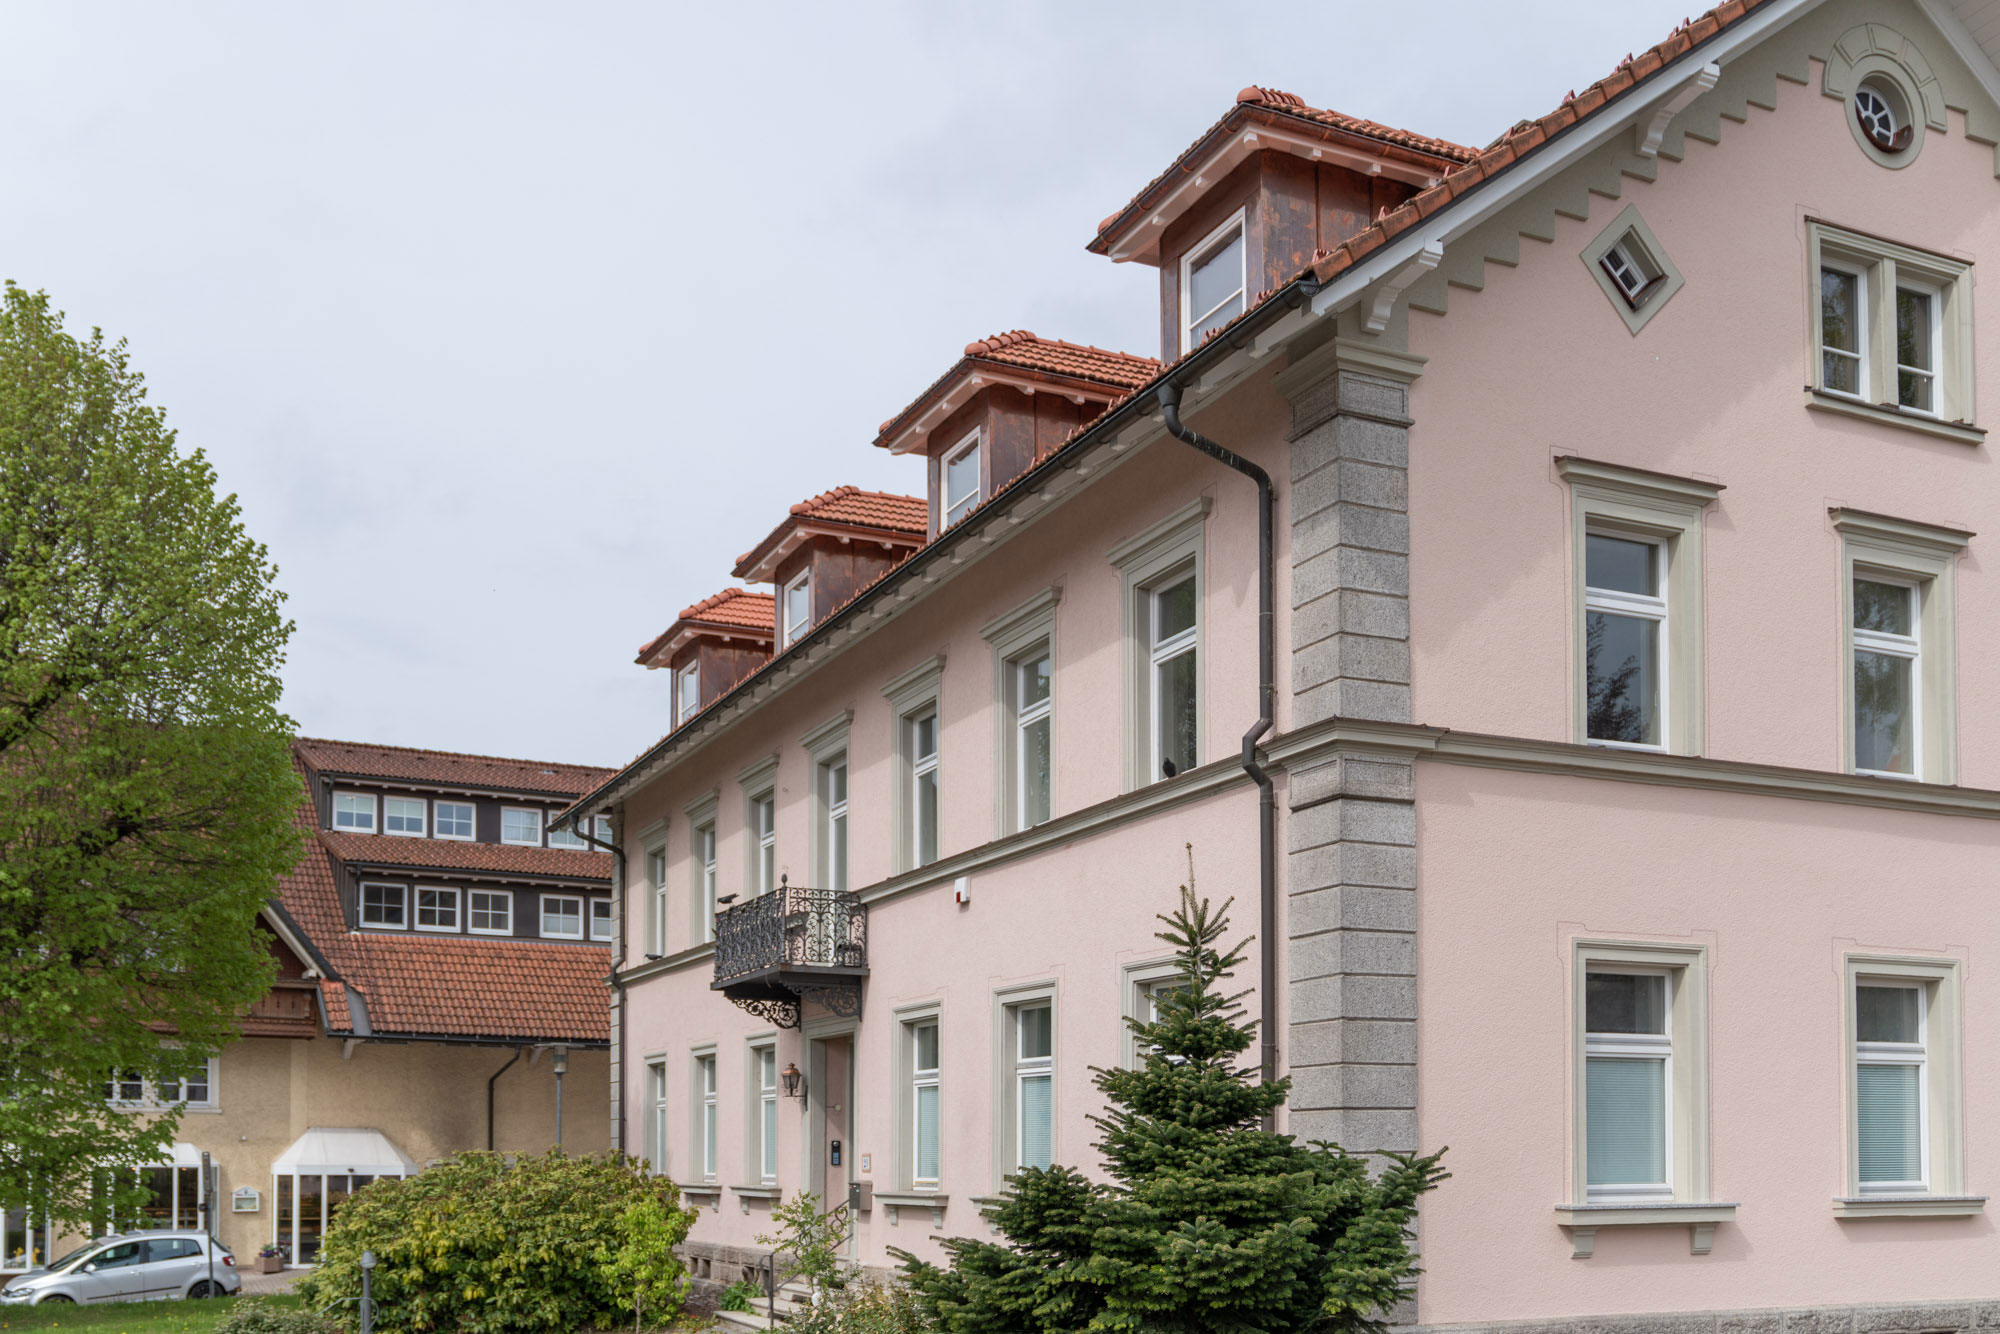 Architekturbüro Kaiser Referenz Wohn- & Bürogebäude